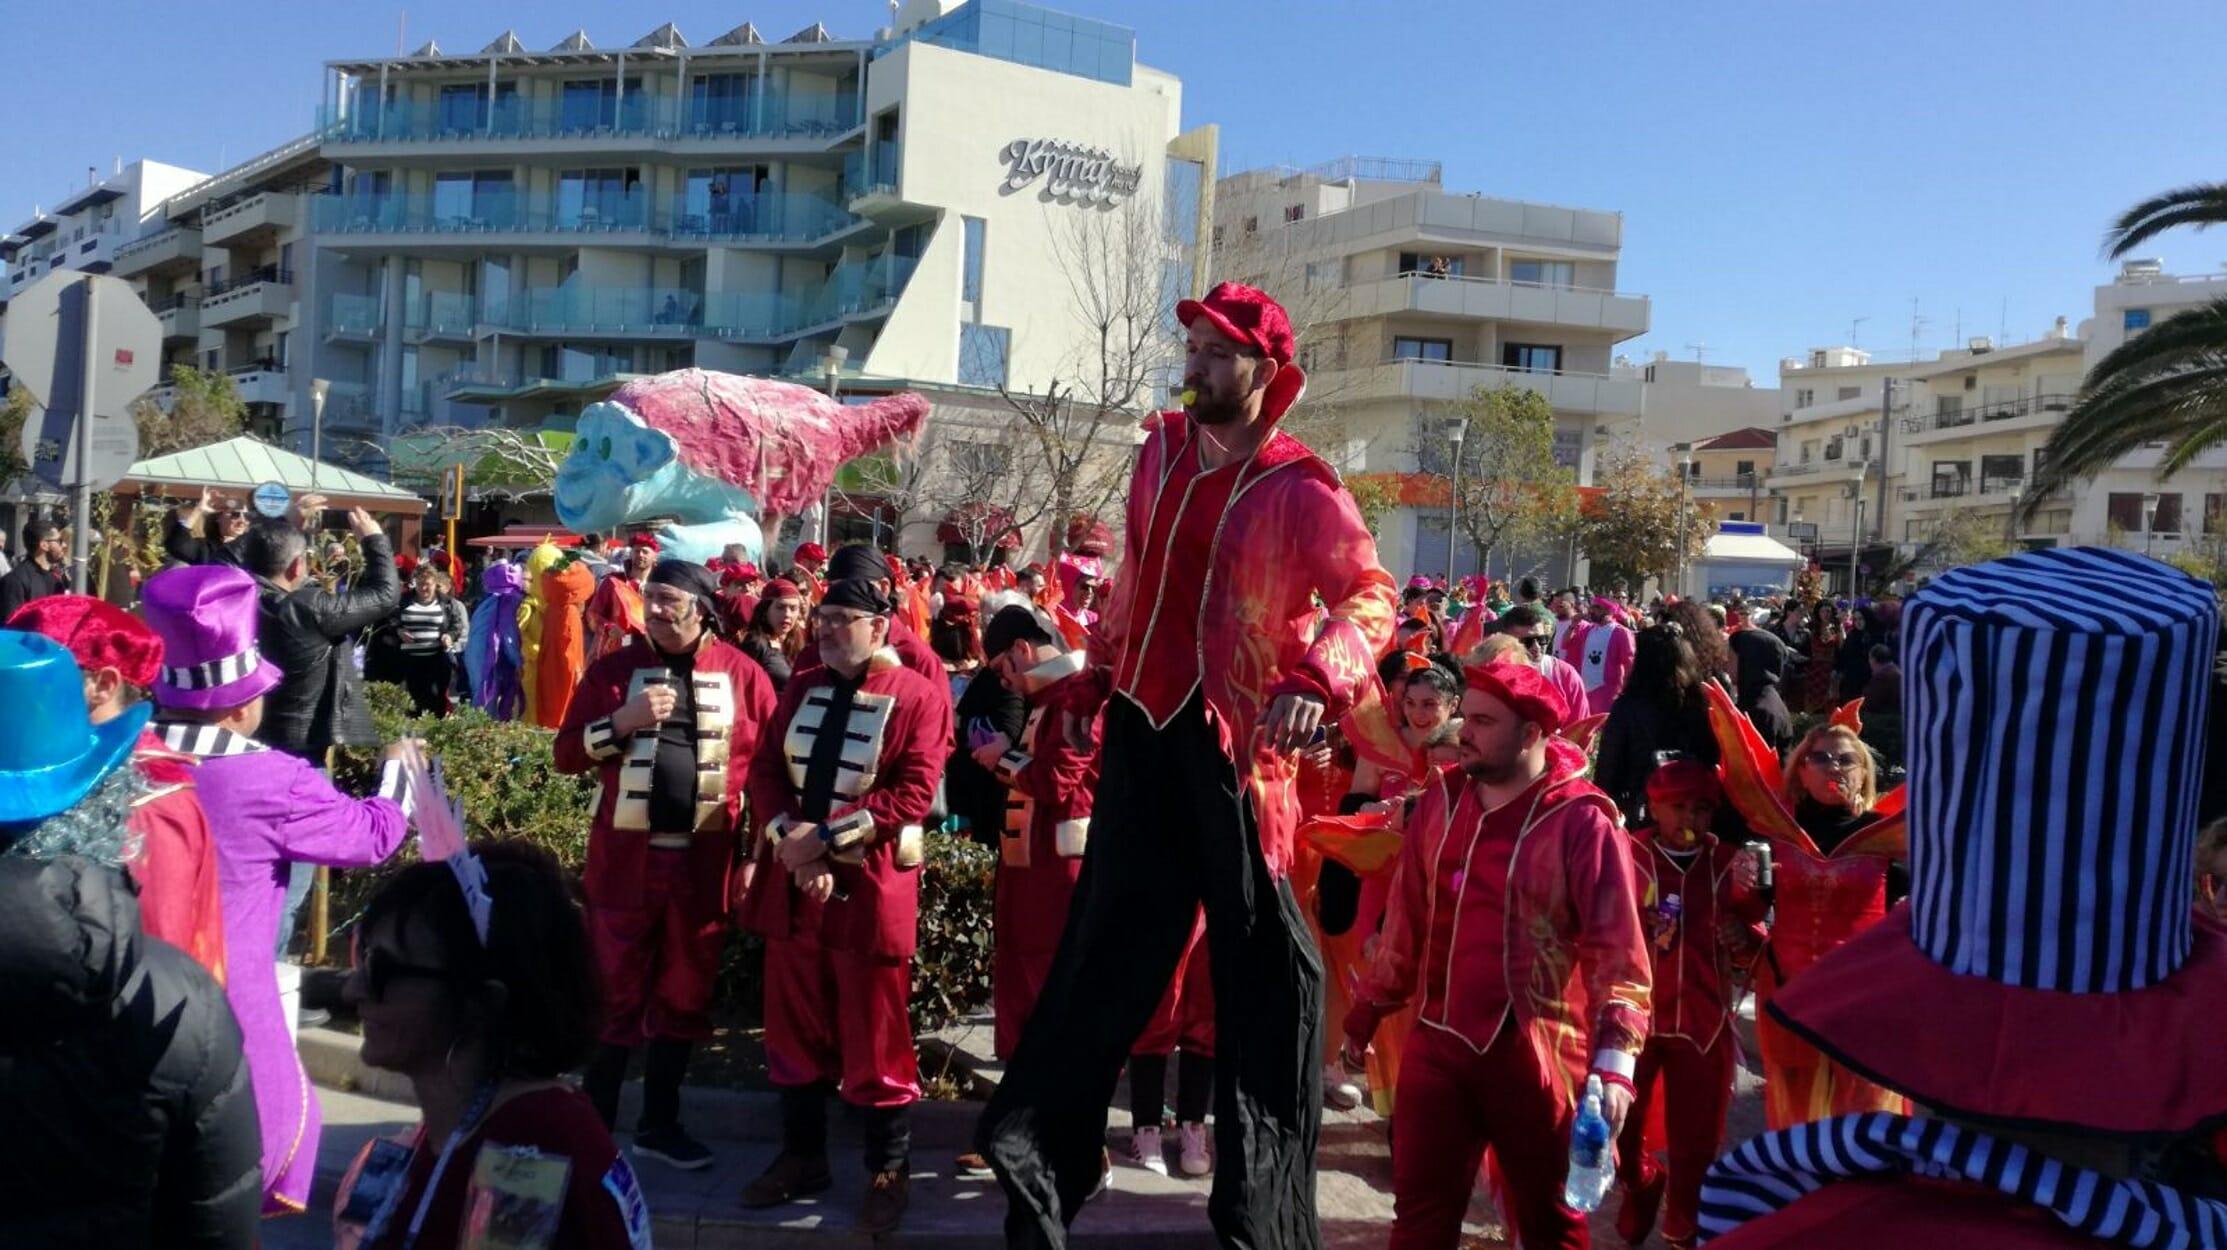 Κορονοϊός: Αψήφισε την απαγόρευση και το Ρεθυμνιώτικο καρναβάλι